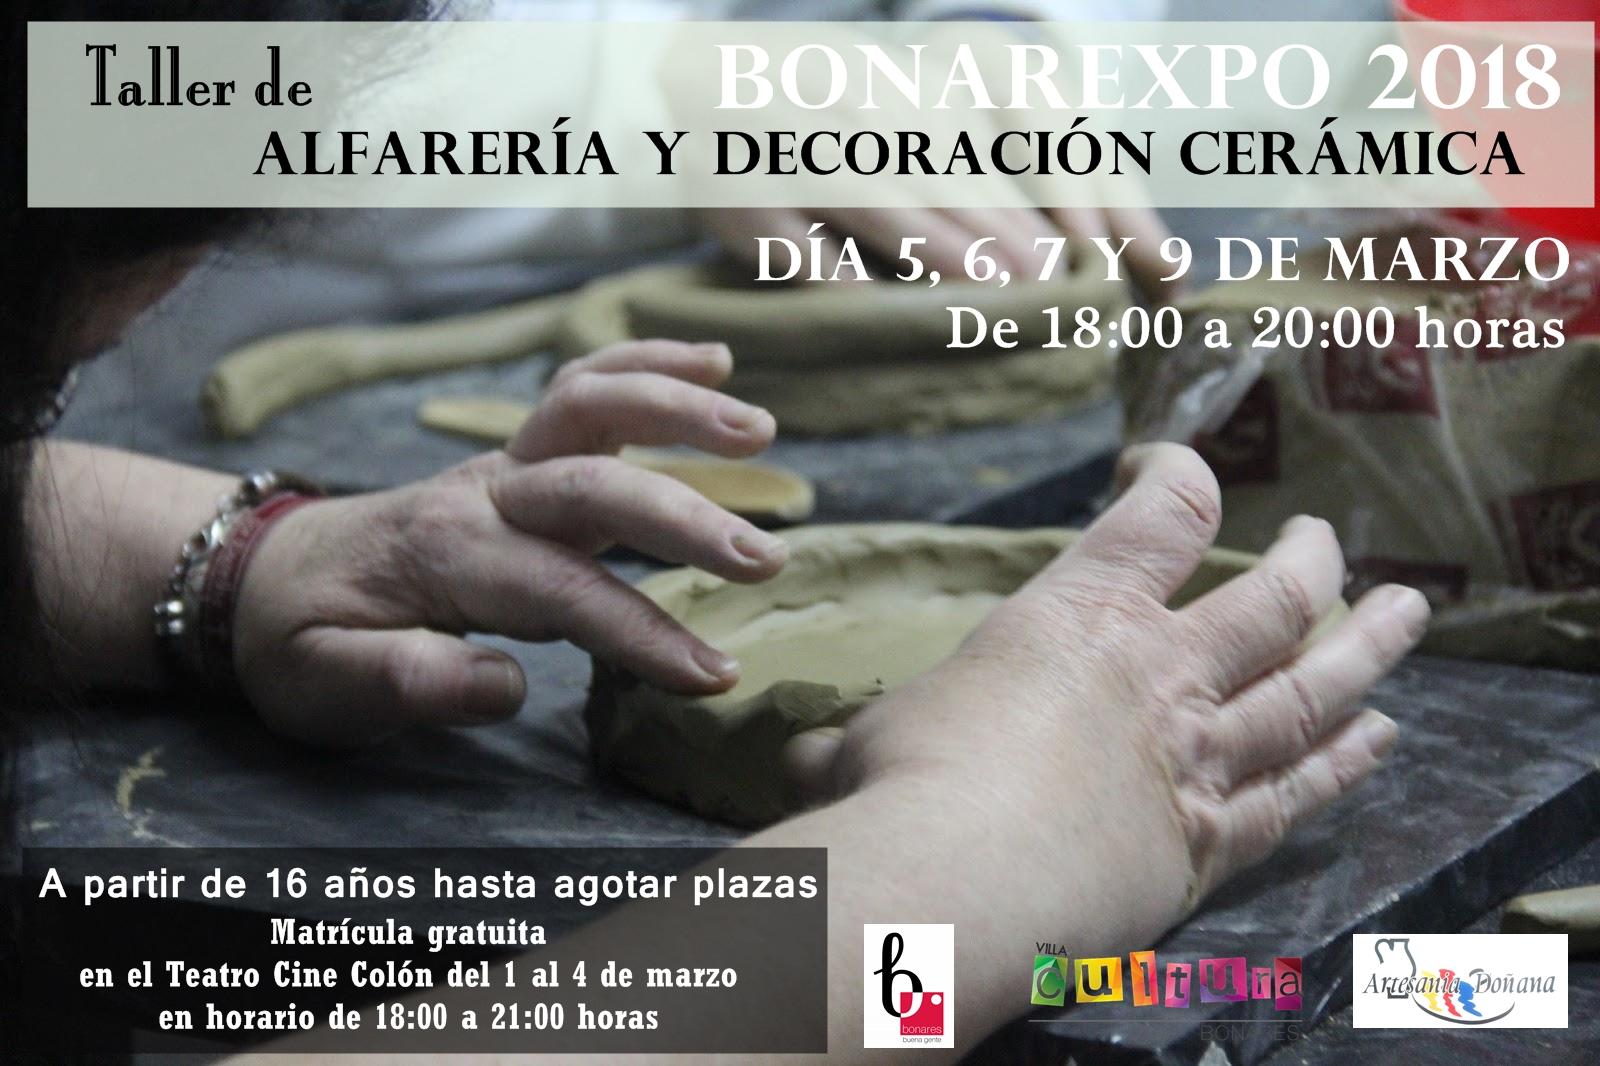 TALLER DE ALFARERÍA Y DECORACIÓN CERÁMICA - BONAREXPO 2018